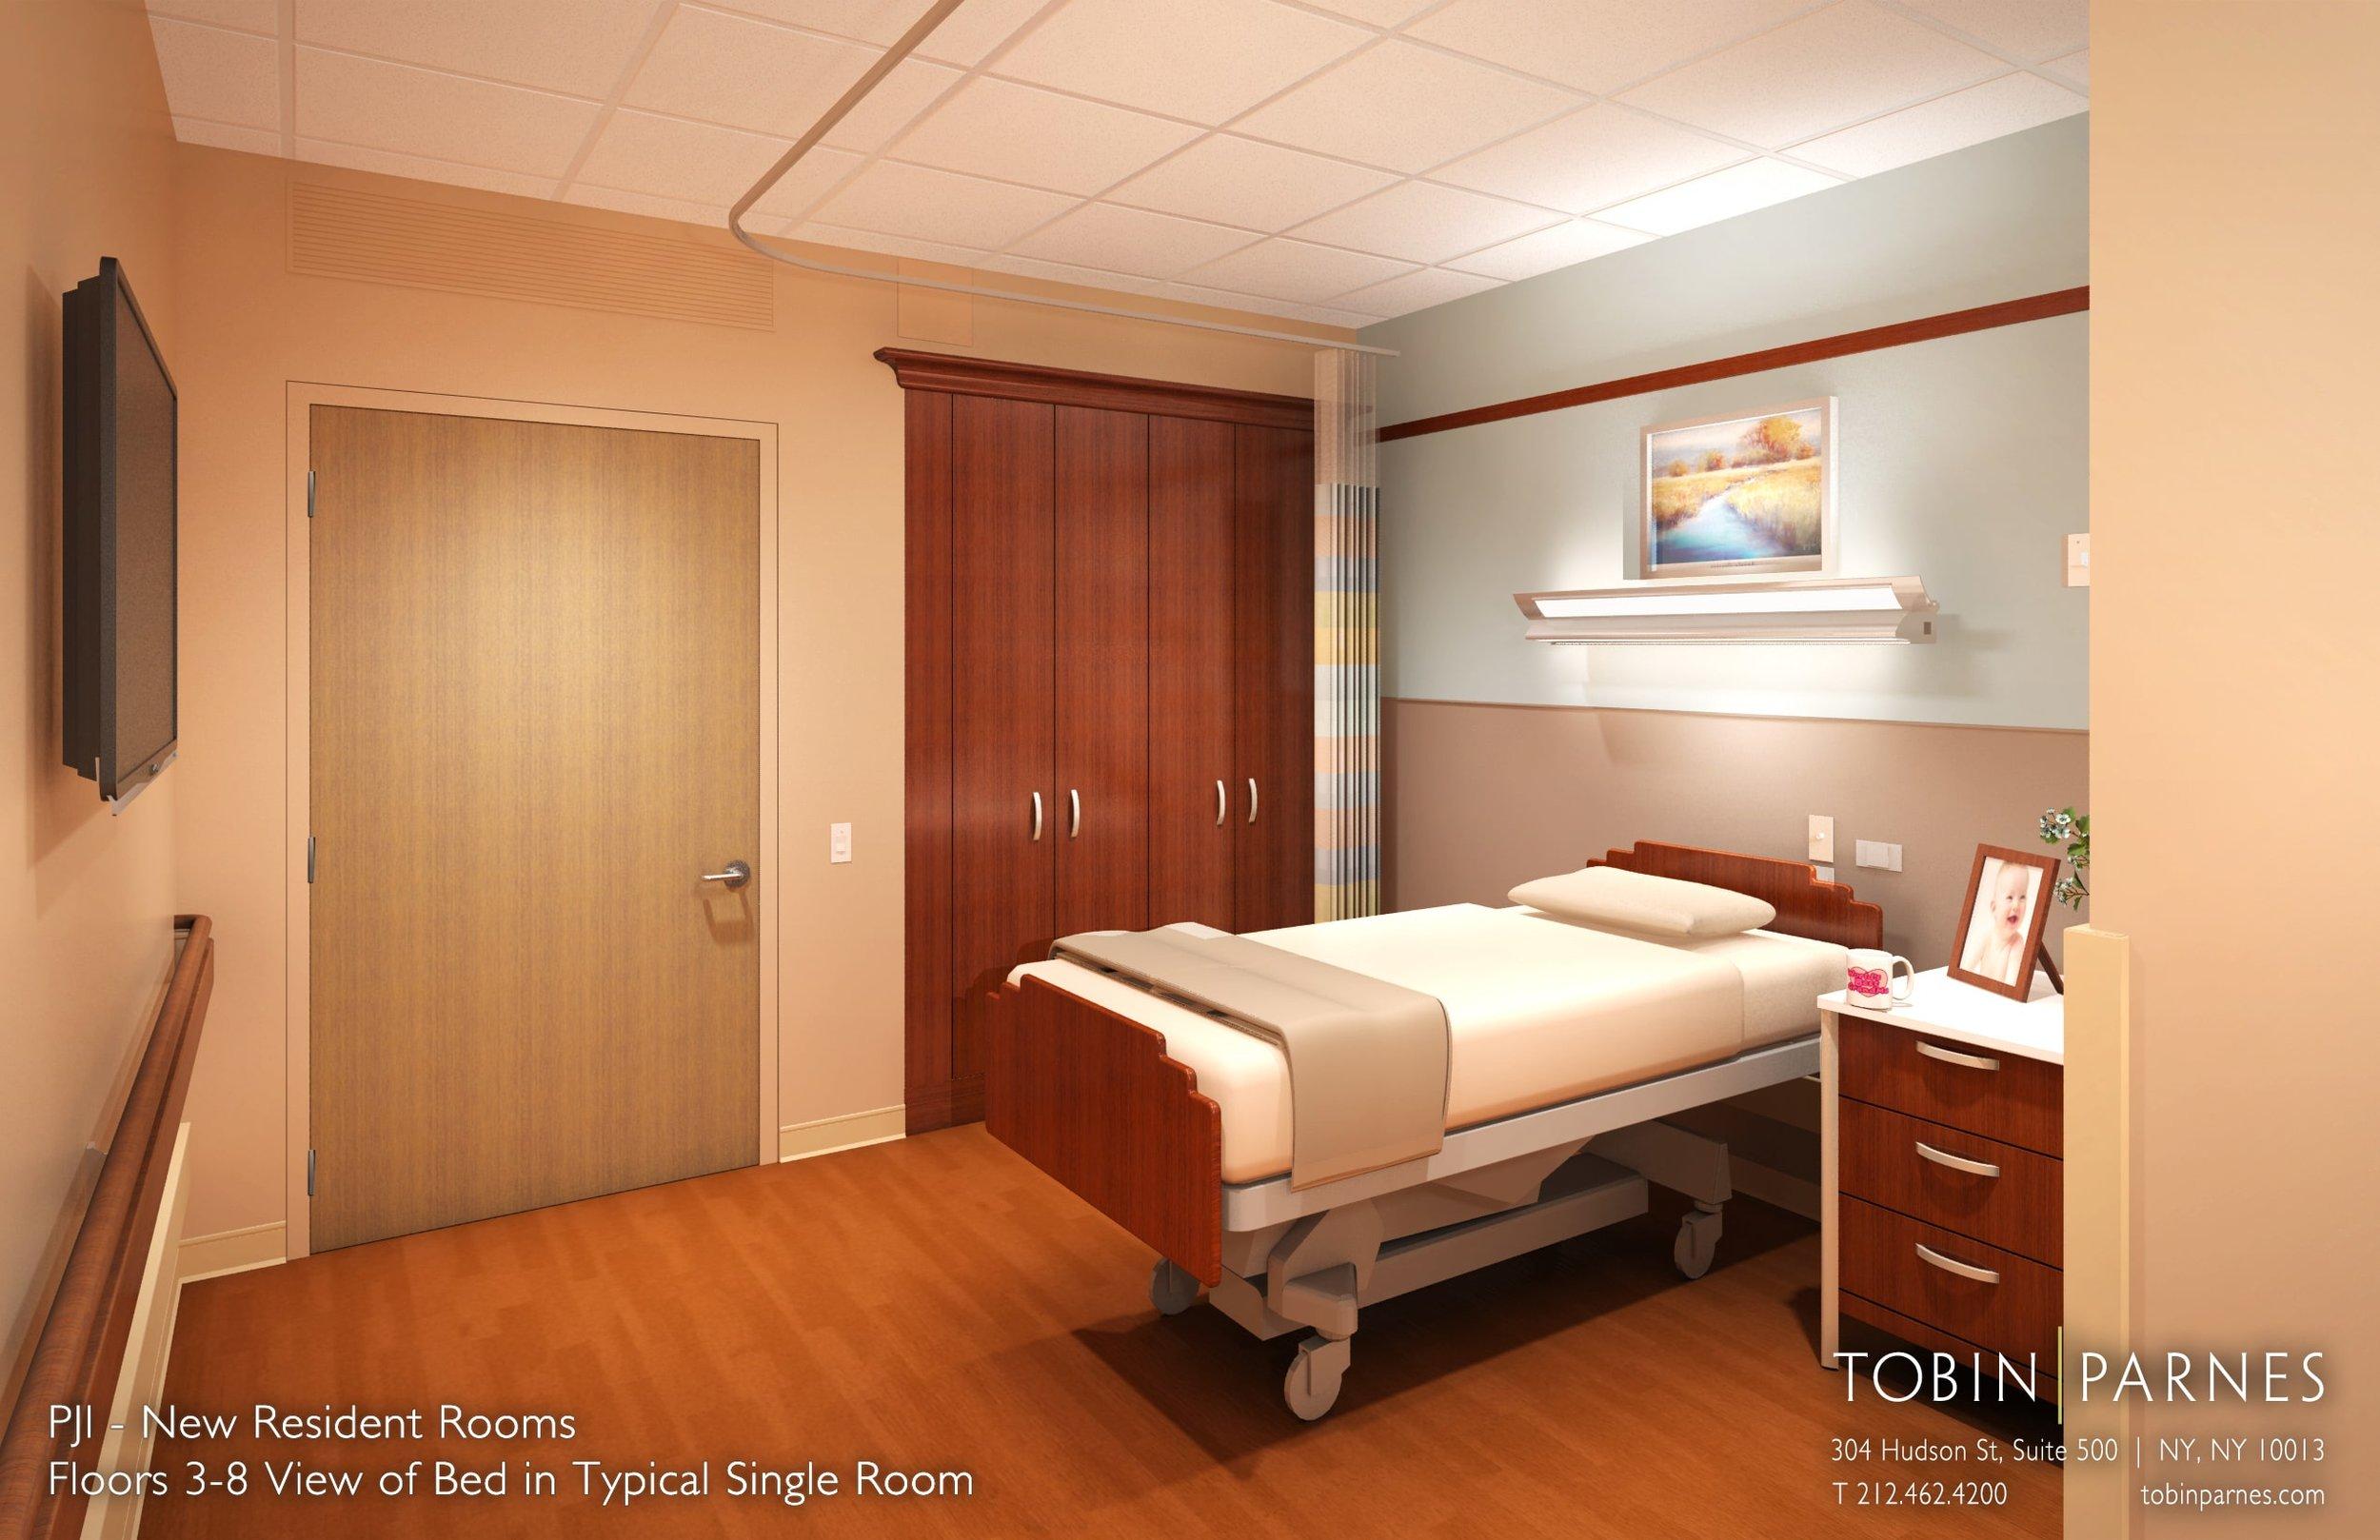 20140826_Resident Rooms-single-bed (1)-min.jpg